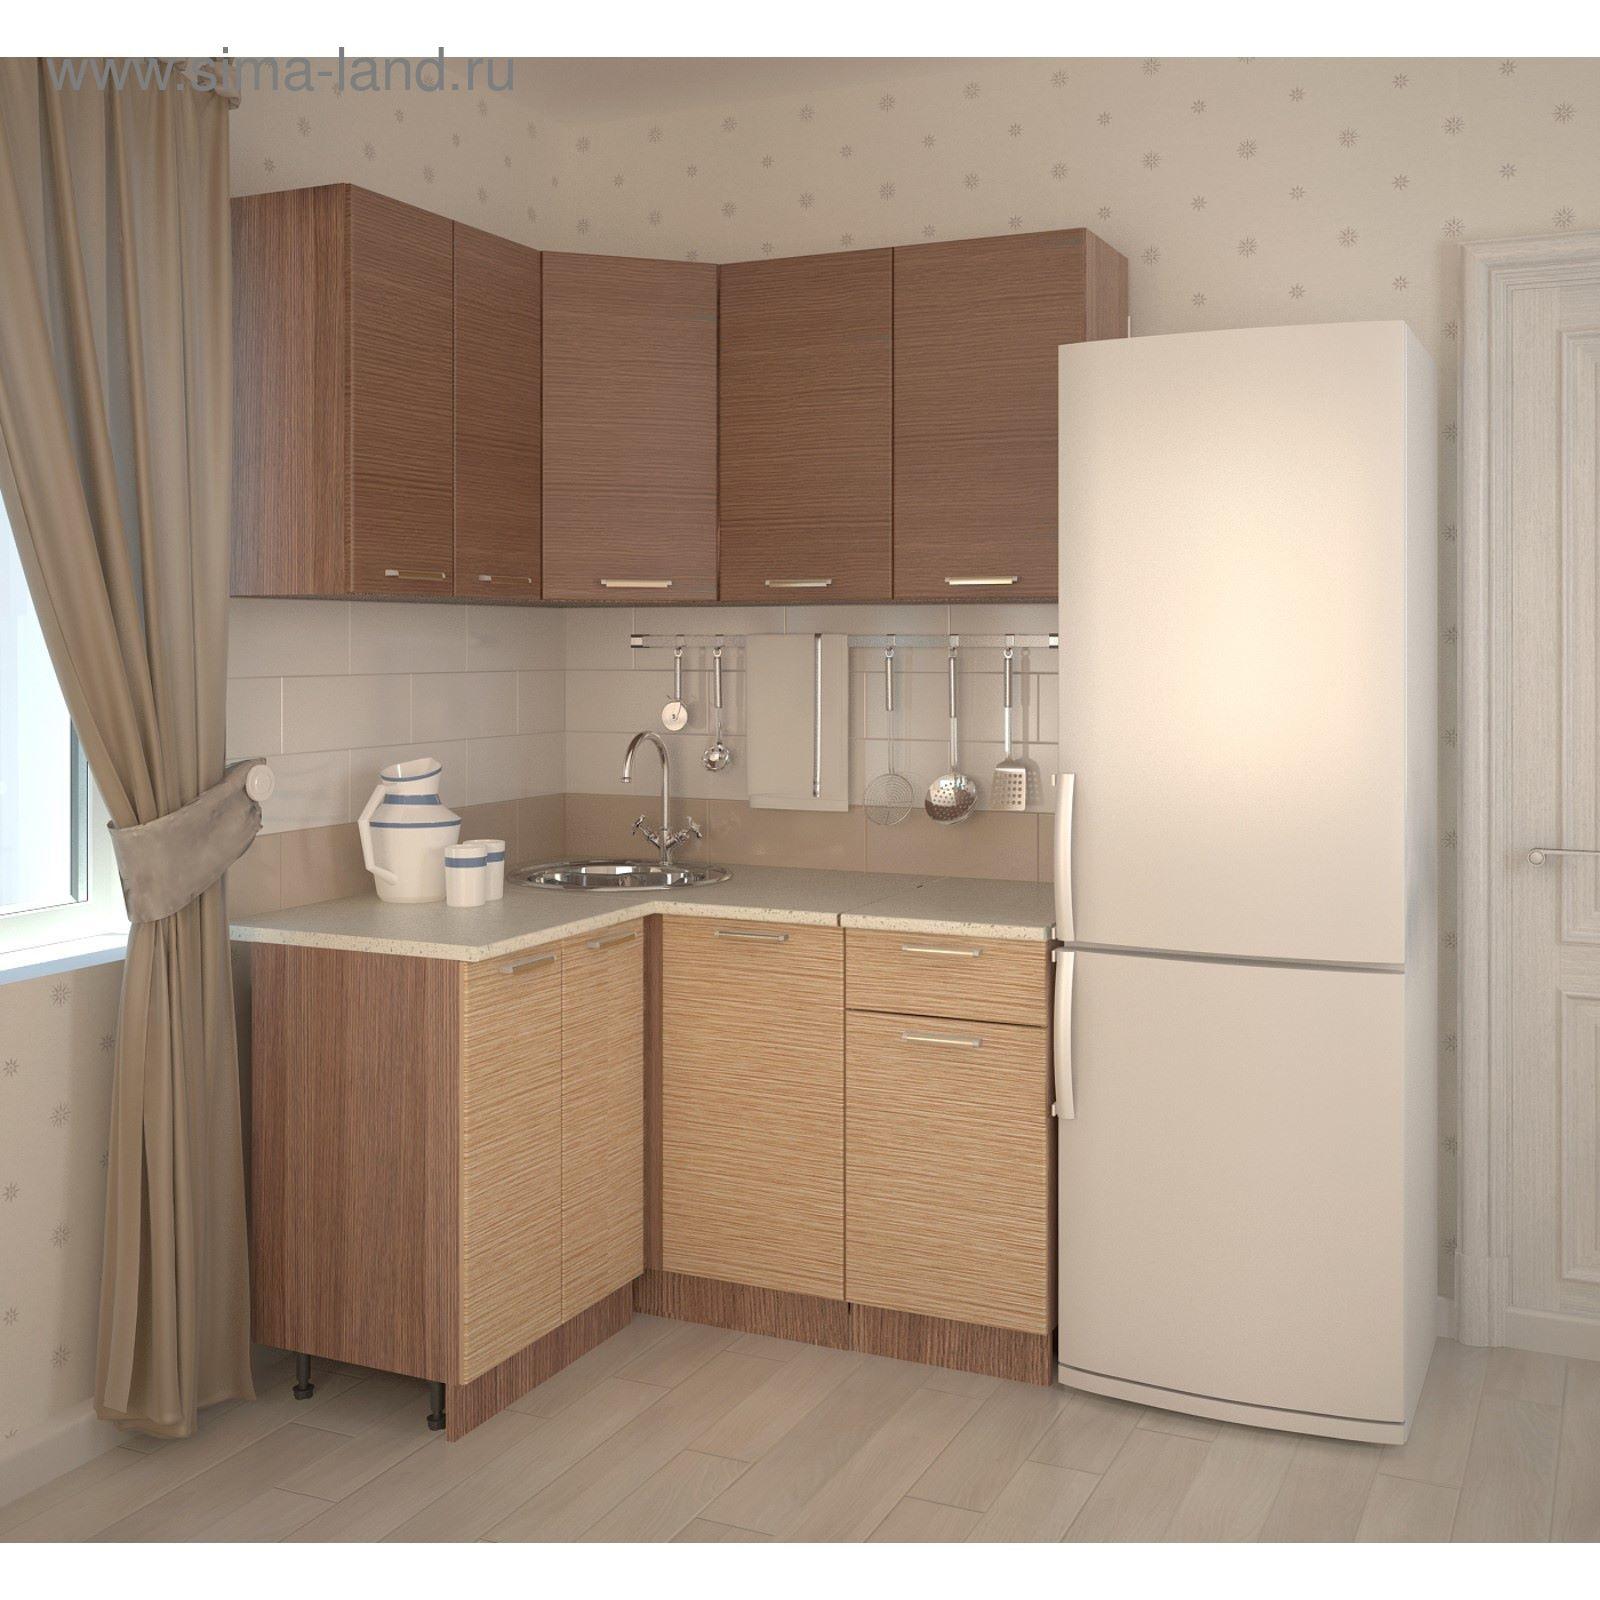 Кухонный гарнитур 1400 мм купить купить тумбу полку на кухню